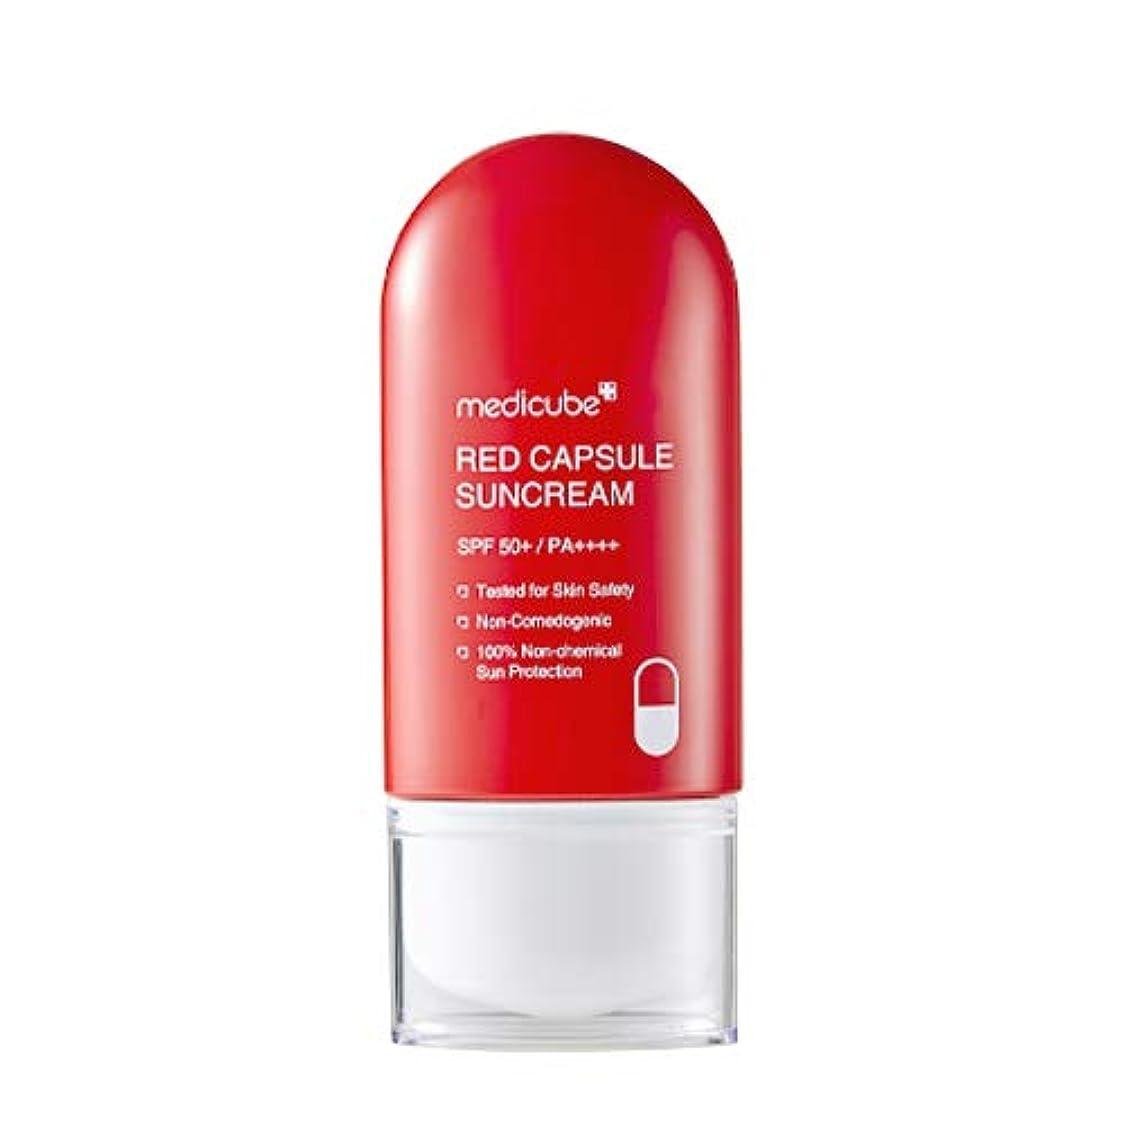 世界の窓溶岩しなければならないメディキューブ日本公式(medicube) レッドカプセルサンクリーム MEDICUBE RED CAPSULE SUNCREAM 30g